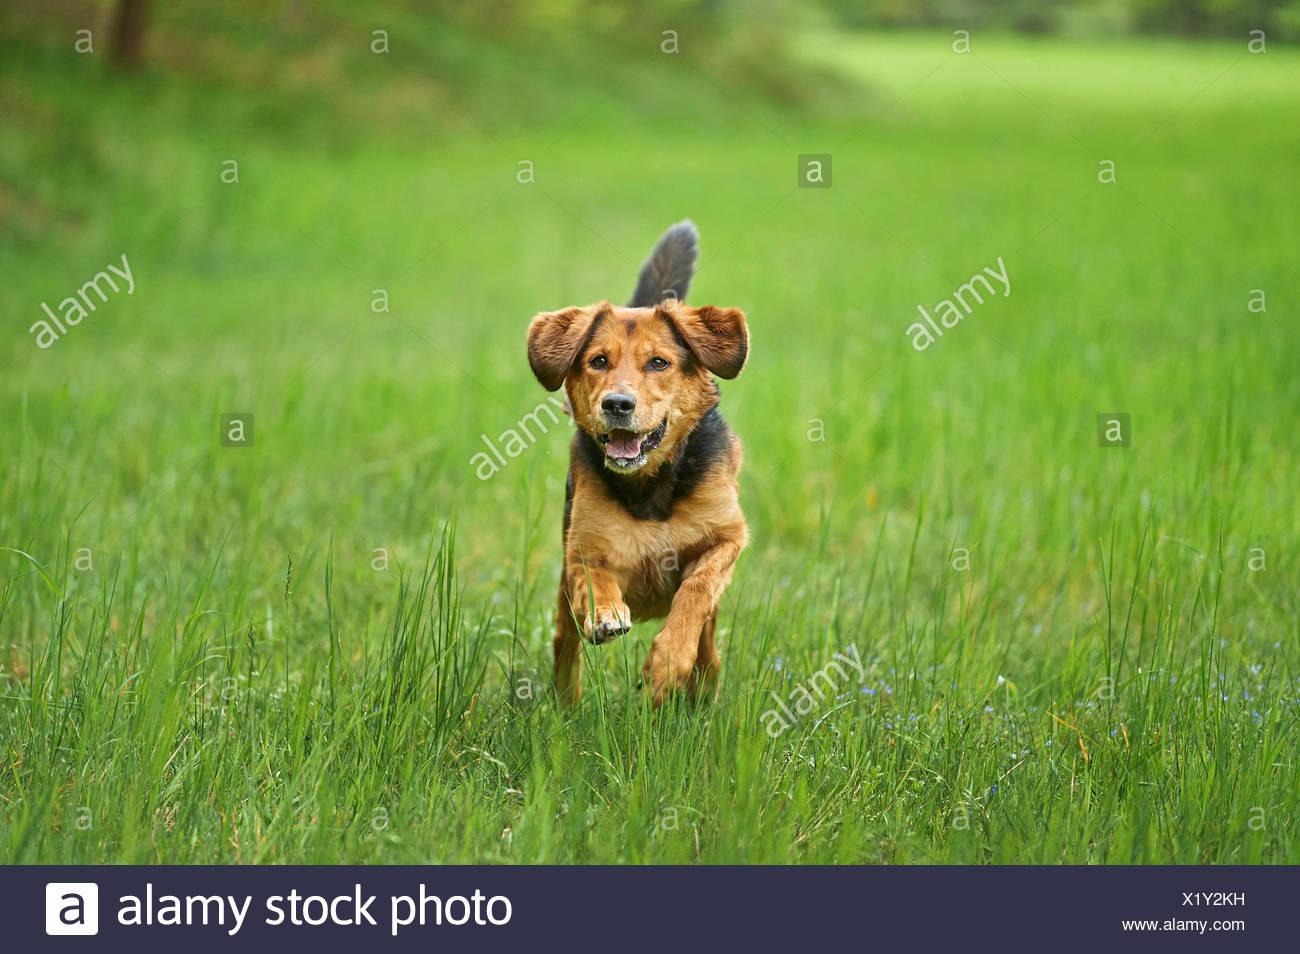 Perro de raza mixta (Canis lupus familiaris) f., pasear perros de raza mixta en un prado, Alemania Imagen De Stock